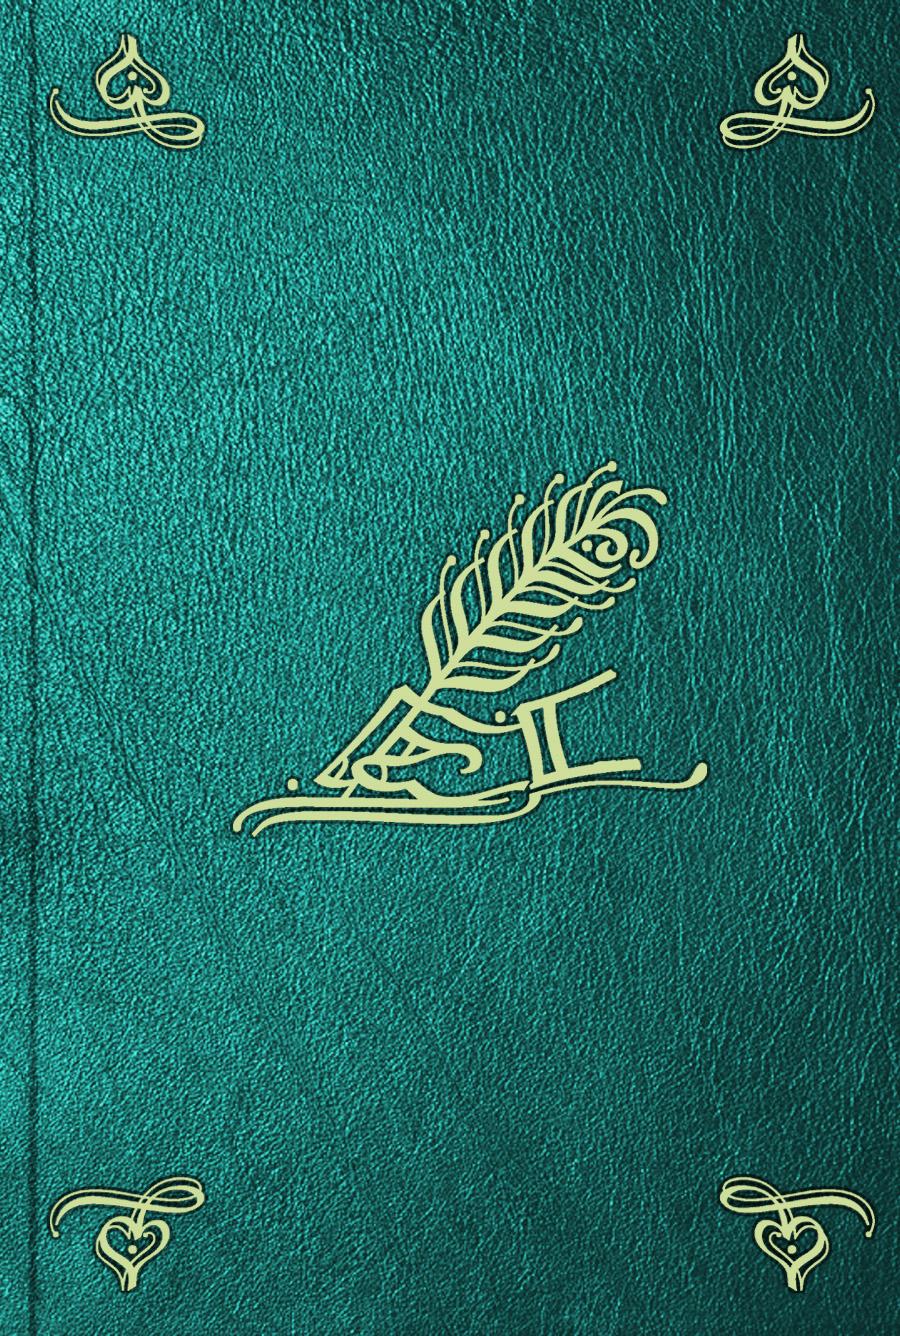 Comte de Buffon Georges Louis Leclerc Histoire naturelle. T. 14. Oiseaux comte de buffon georges louis leclerc histoire naturelle t 6 oiseaux